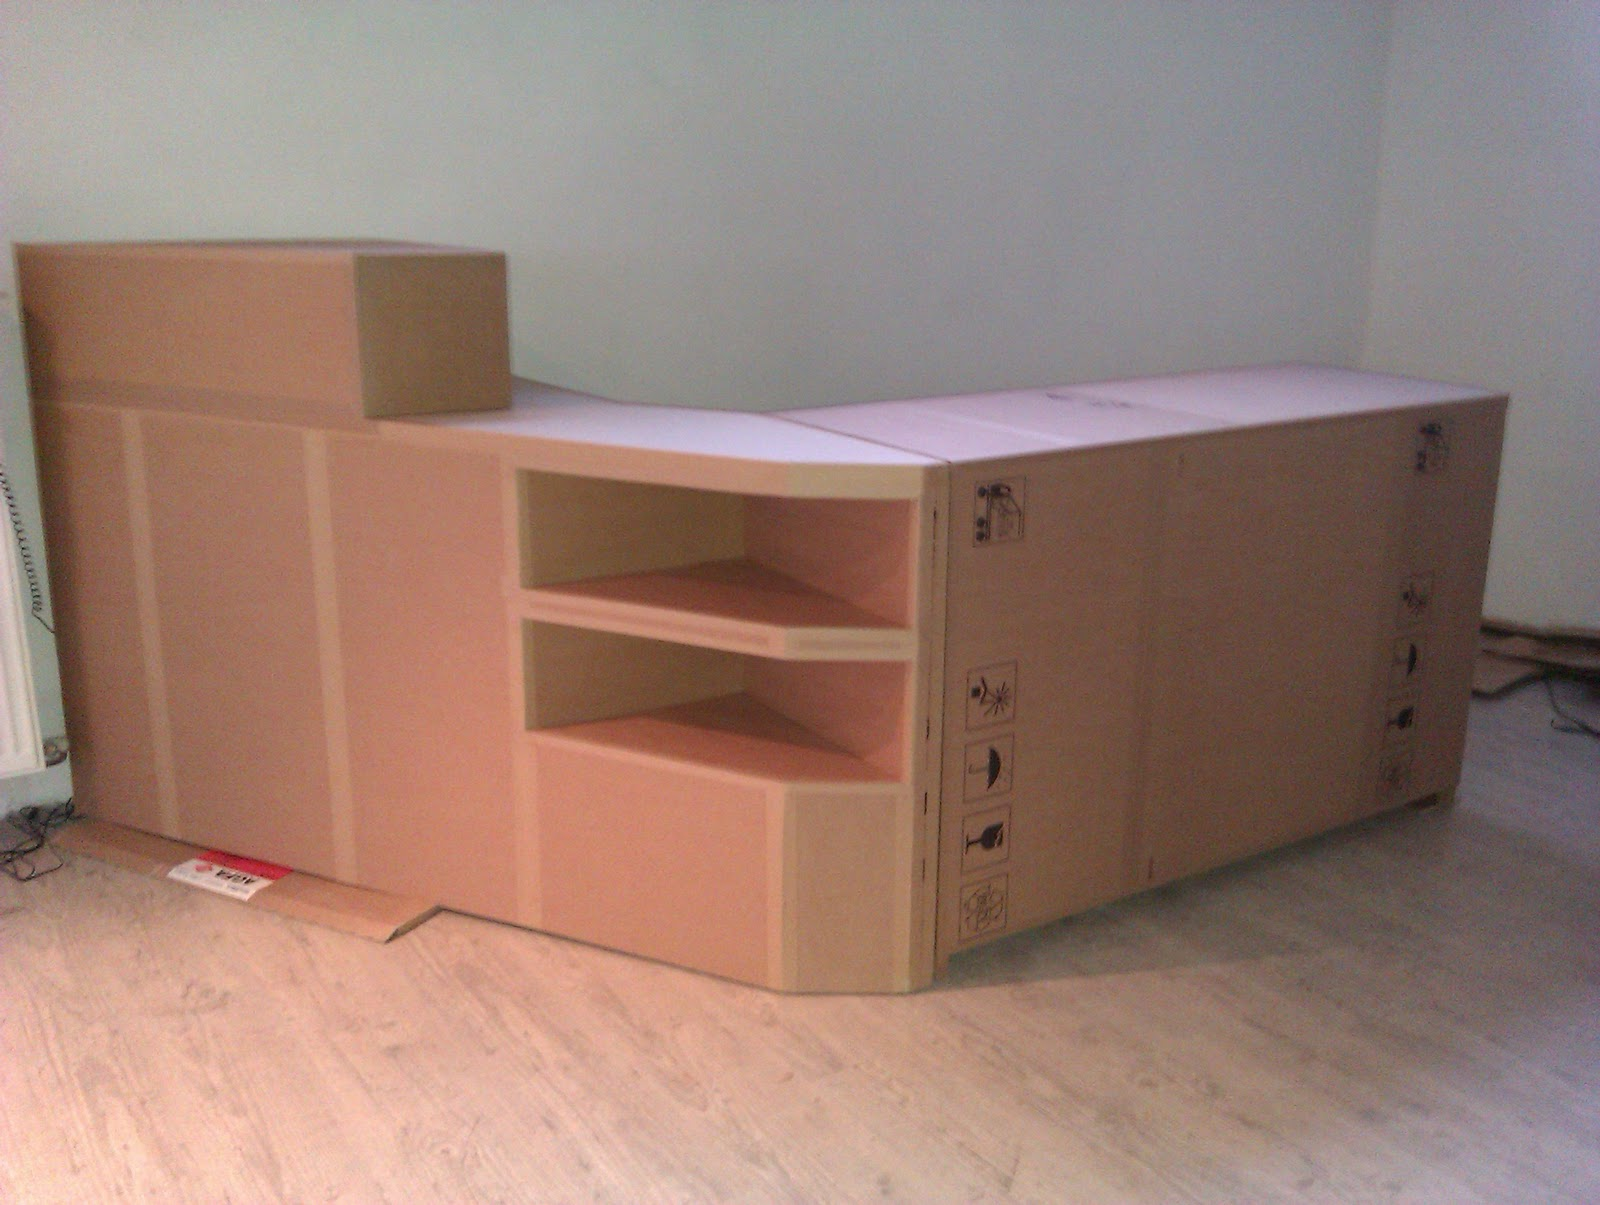 Carton bricolage d coration comptoir pour une mercerie for Recuperation de vieux meubles